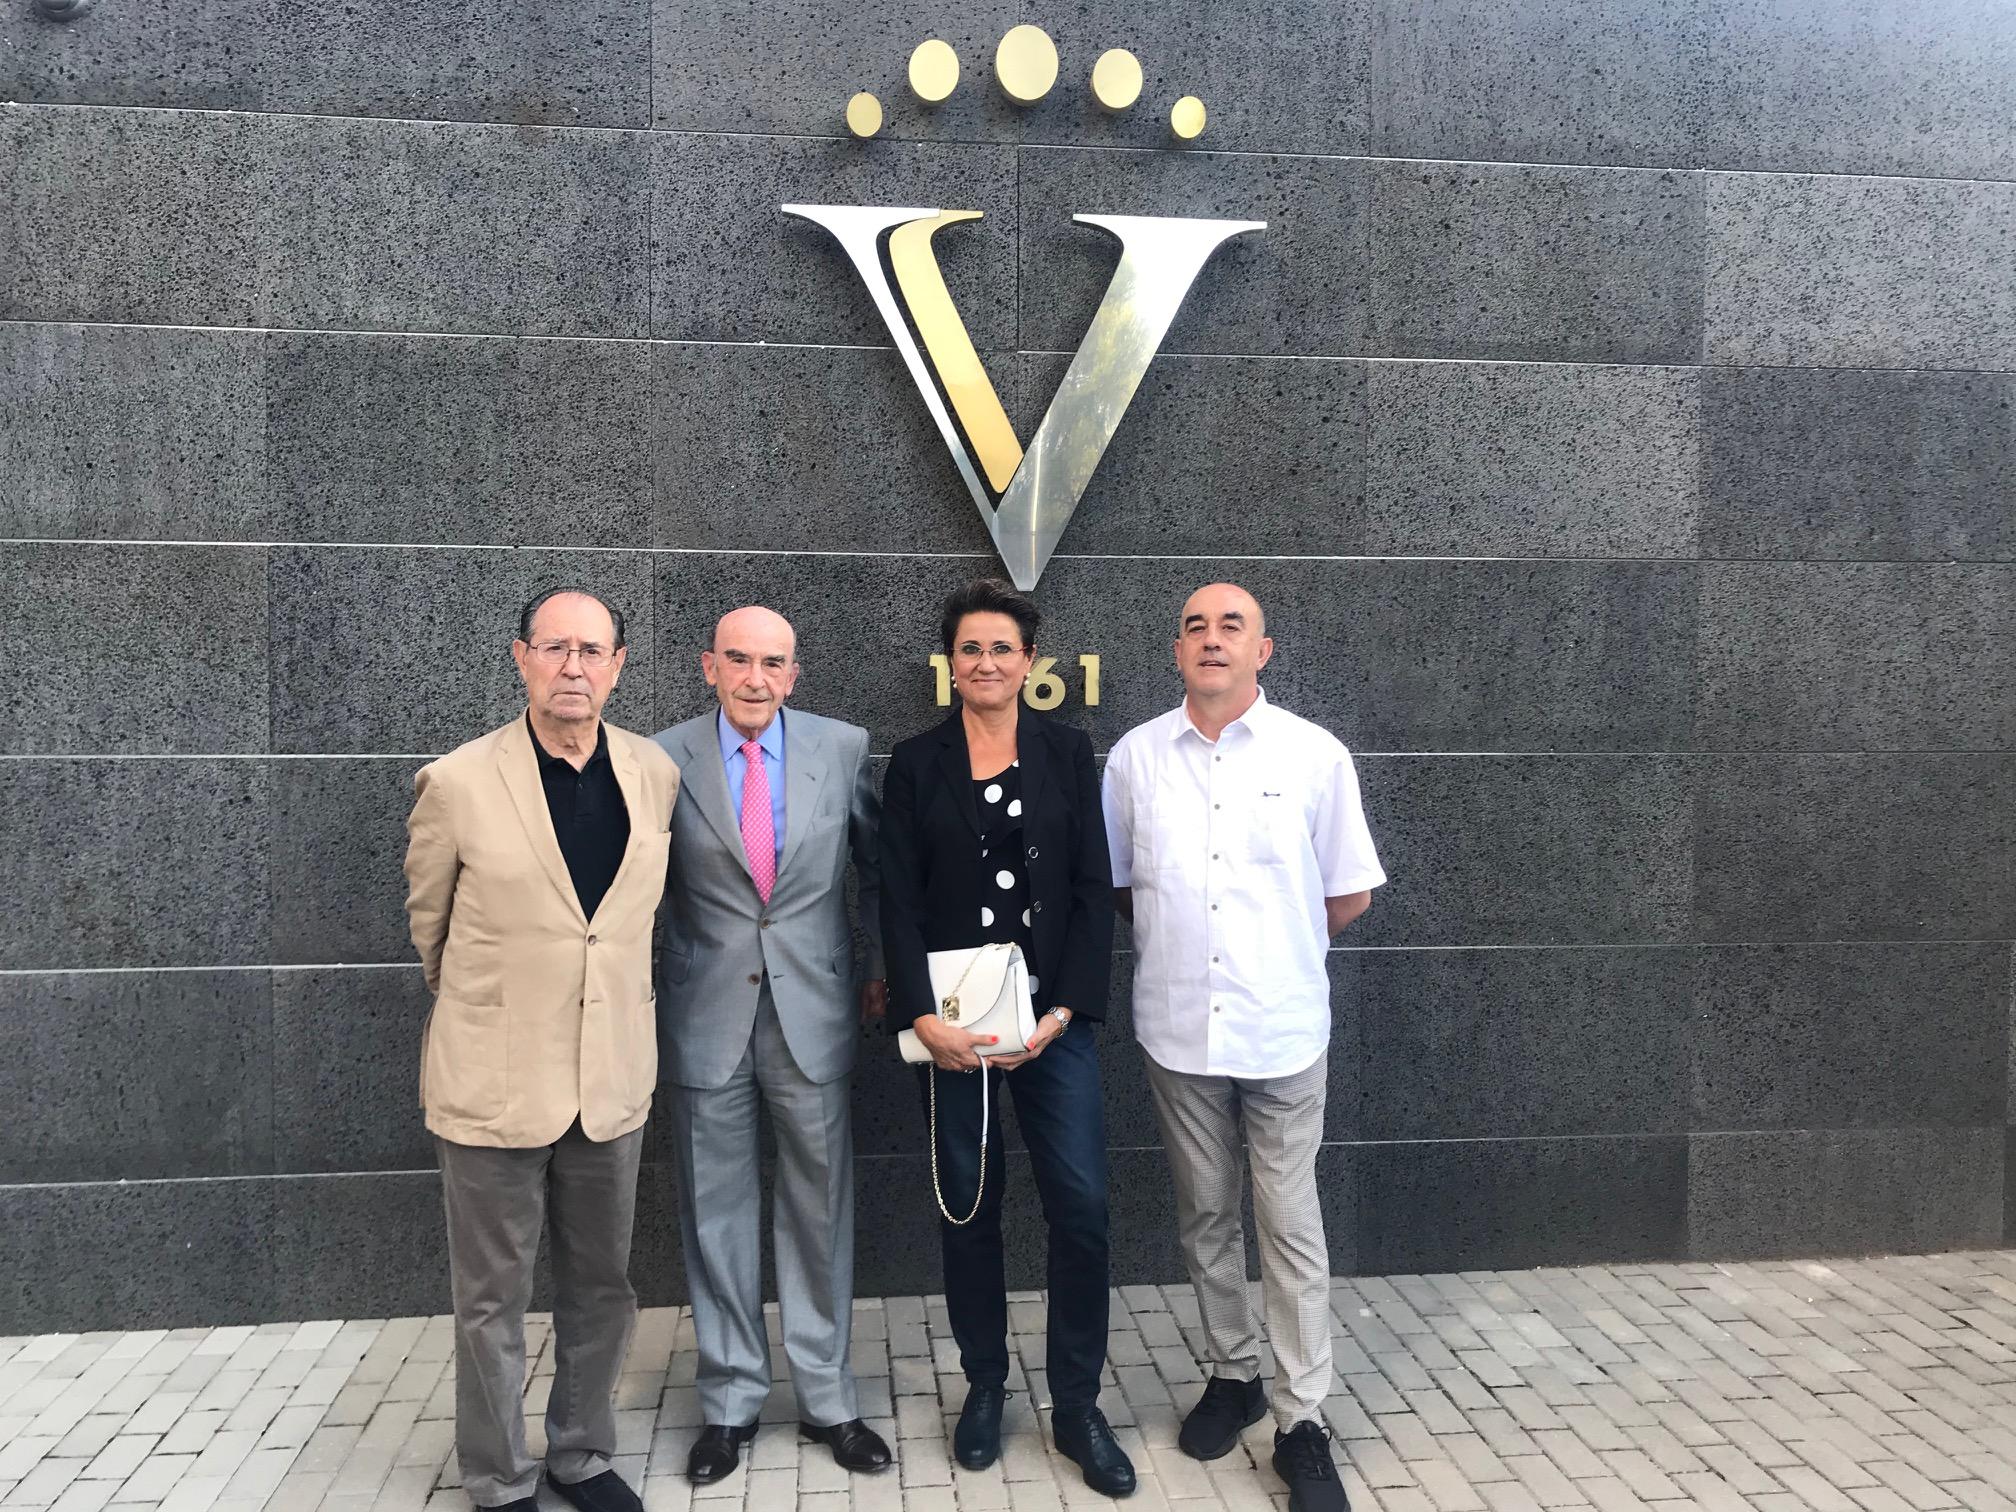 La Cooperativa Virgen de las Viñas Bodega y Almazara de Tomelloso adjudica sus premios de pintura y escultura del XVIII Certamen Cultural